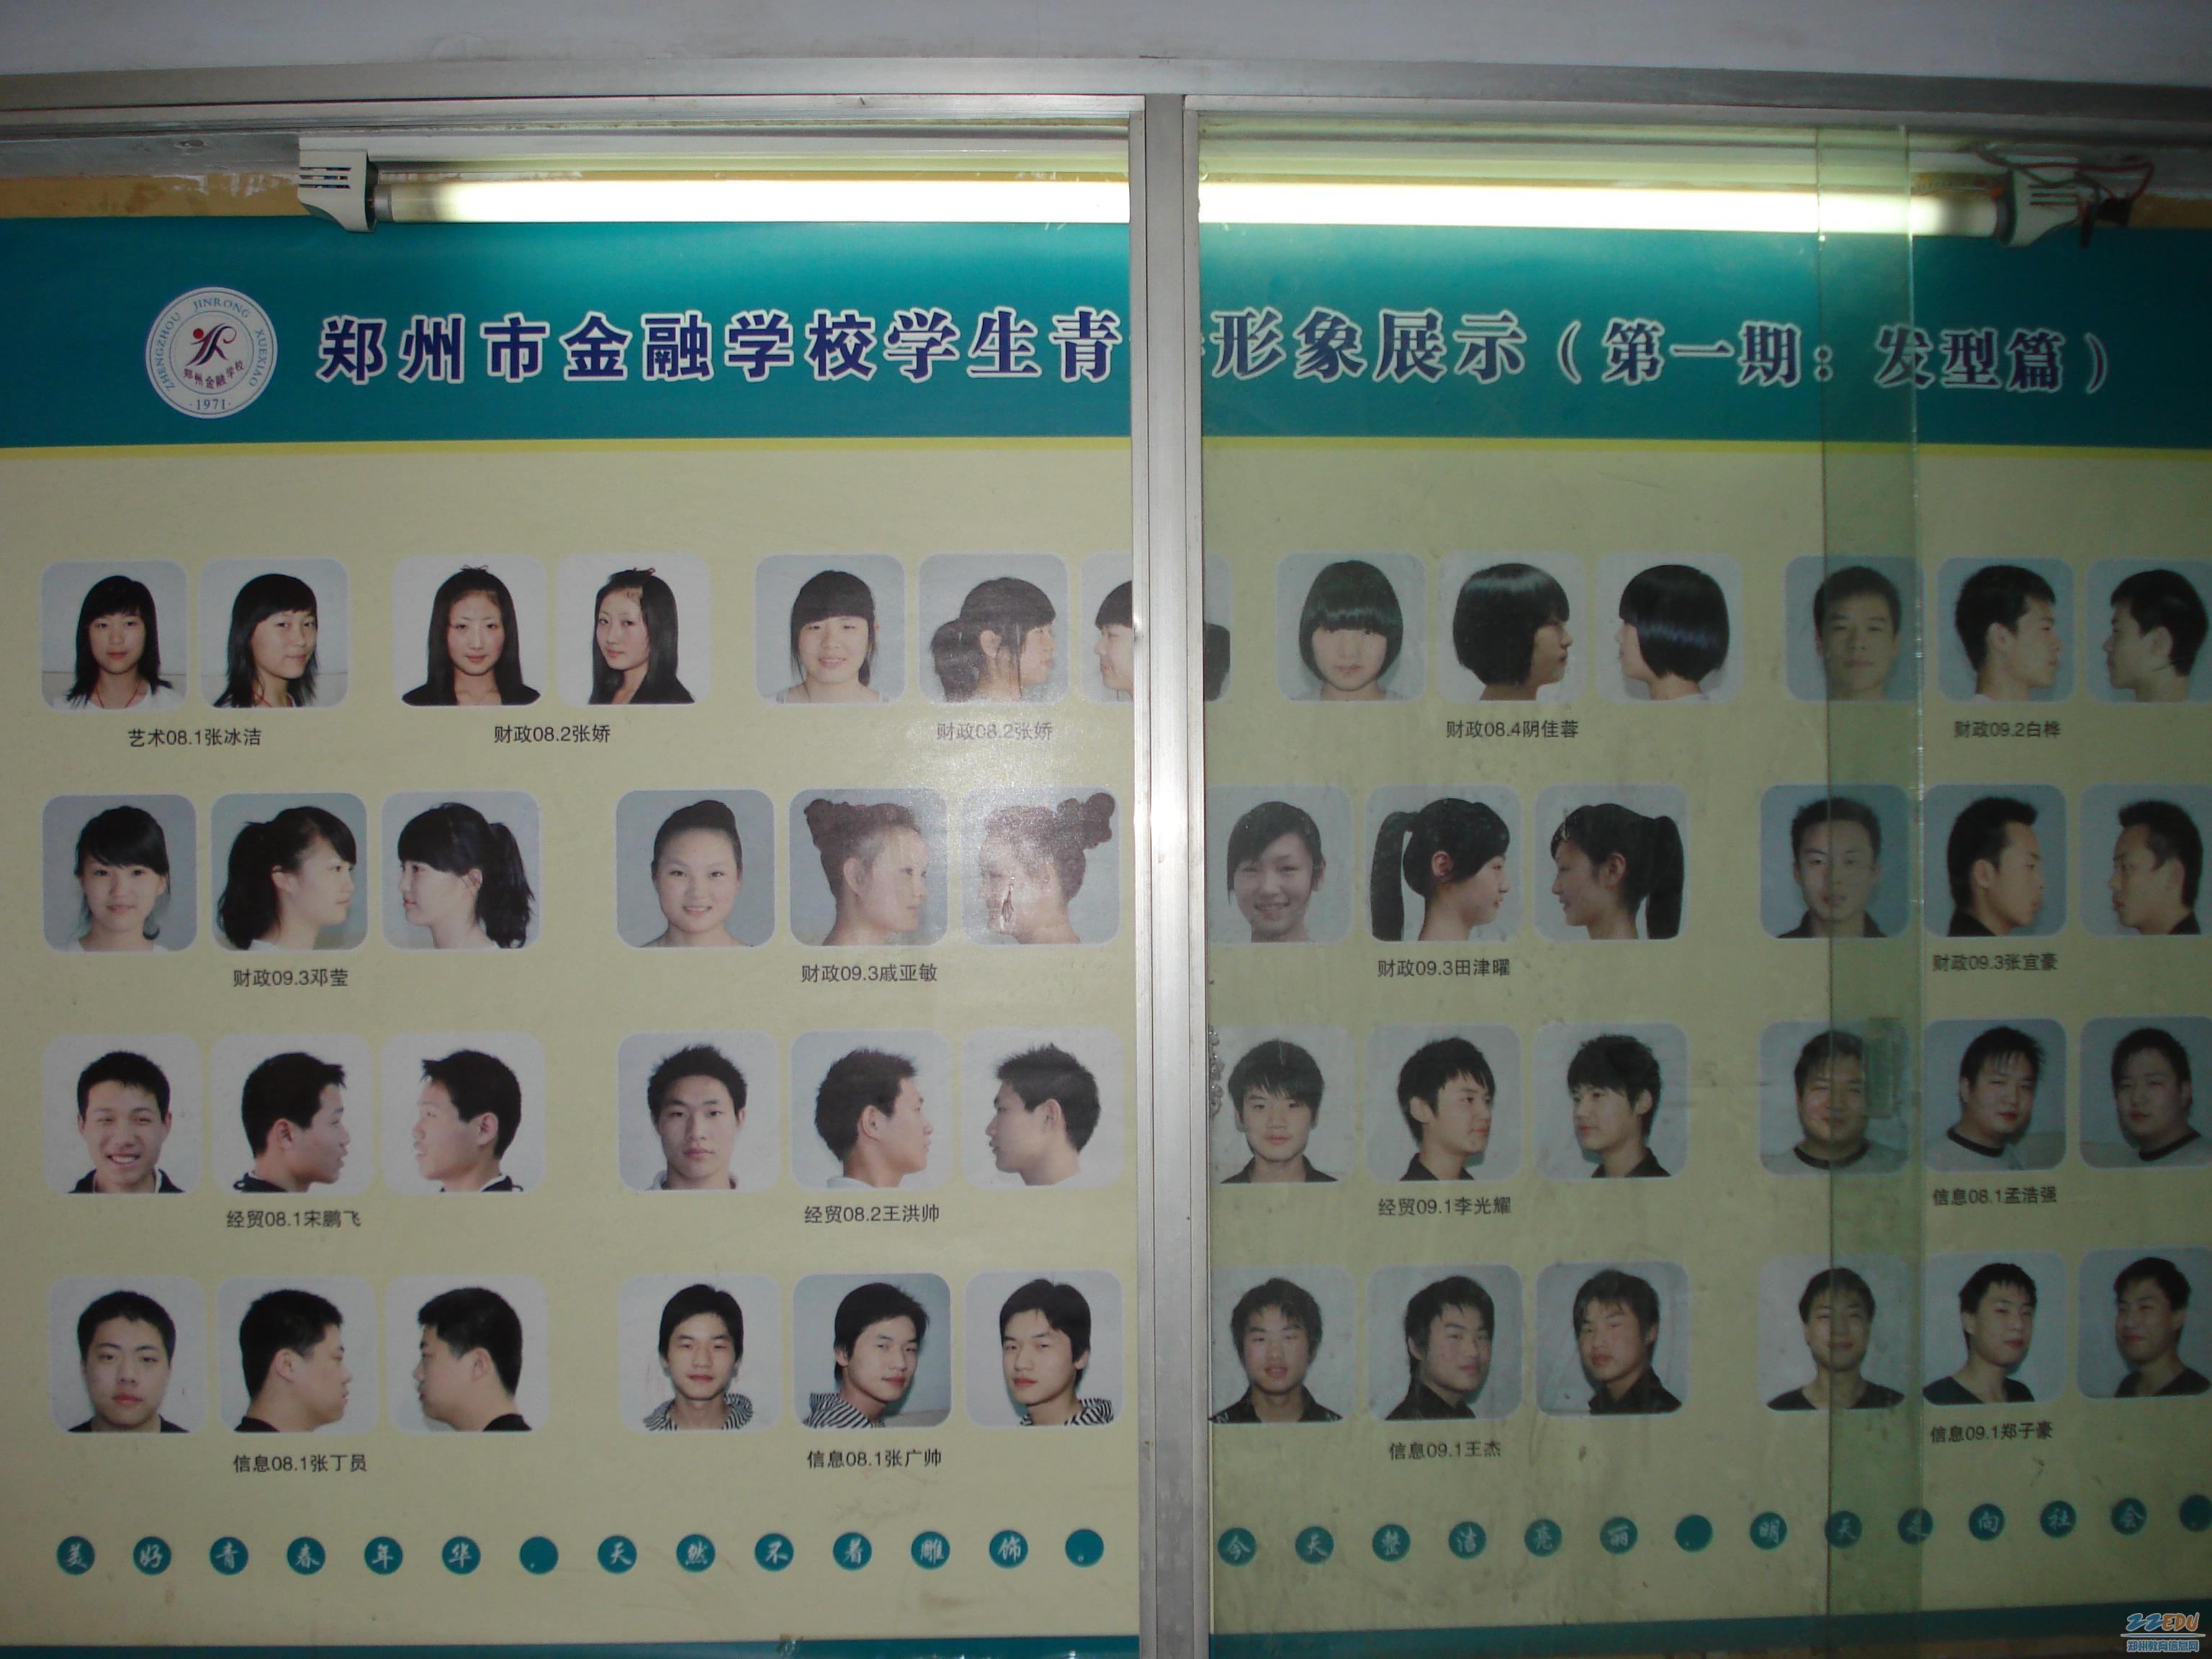 郑州金融学校仪容仪表标准发型展示图片